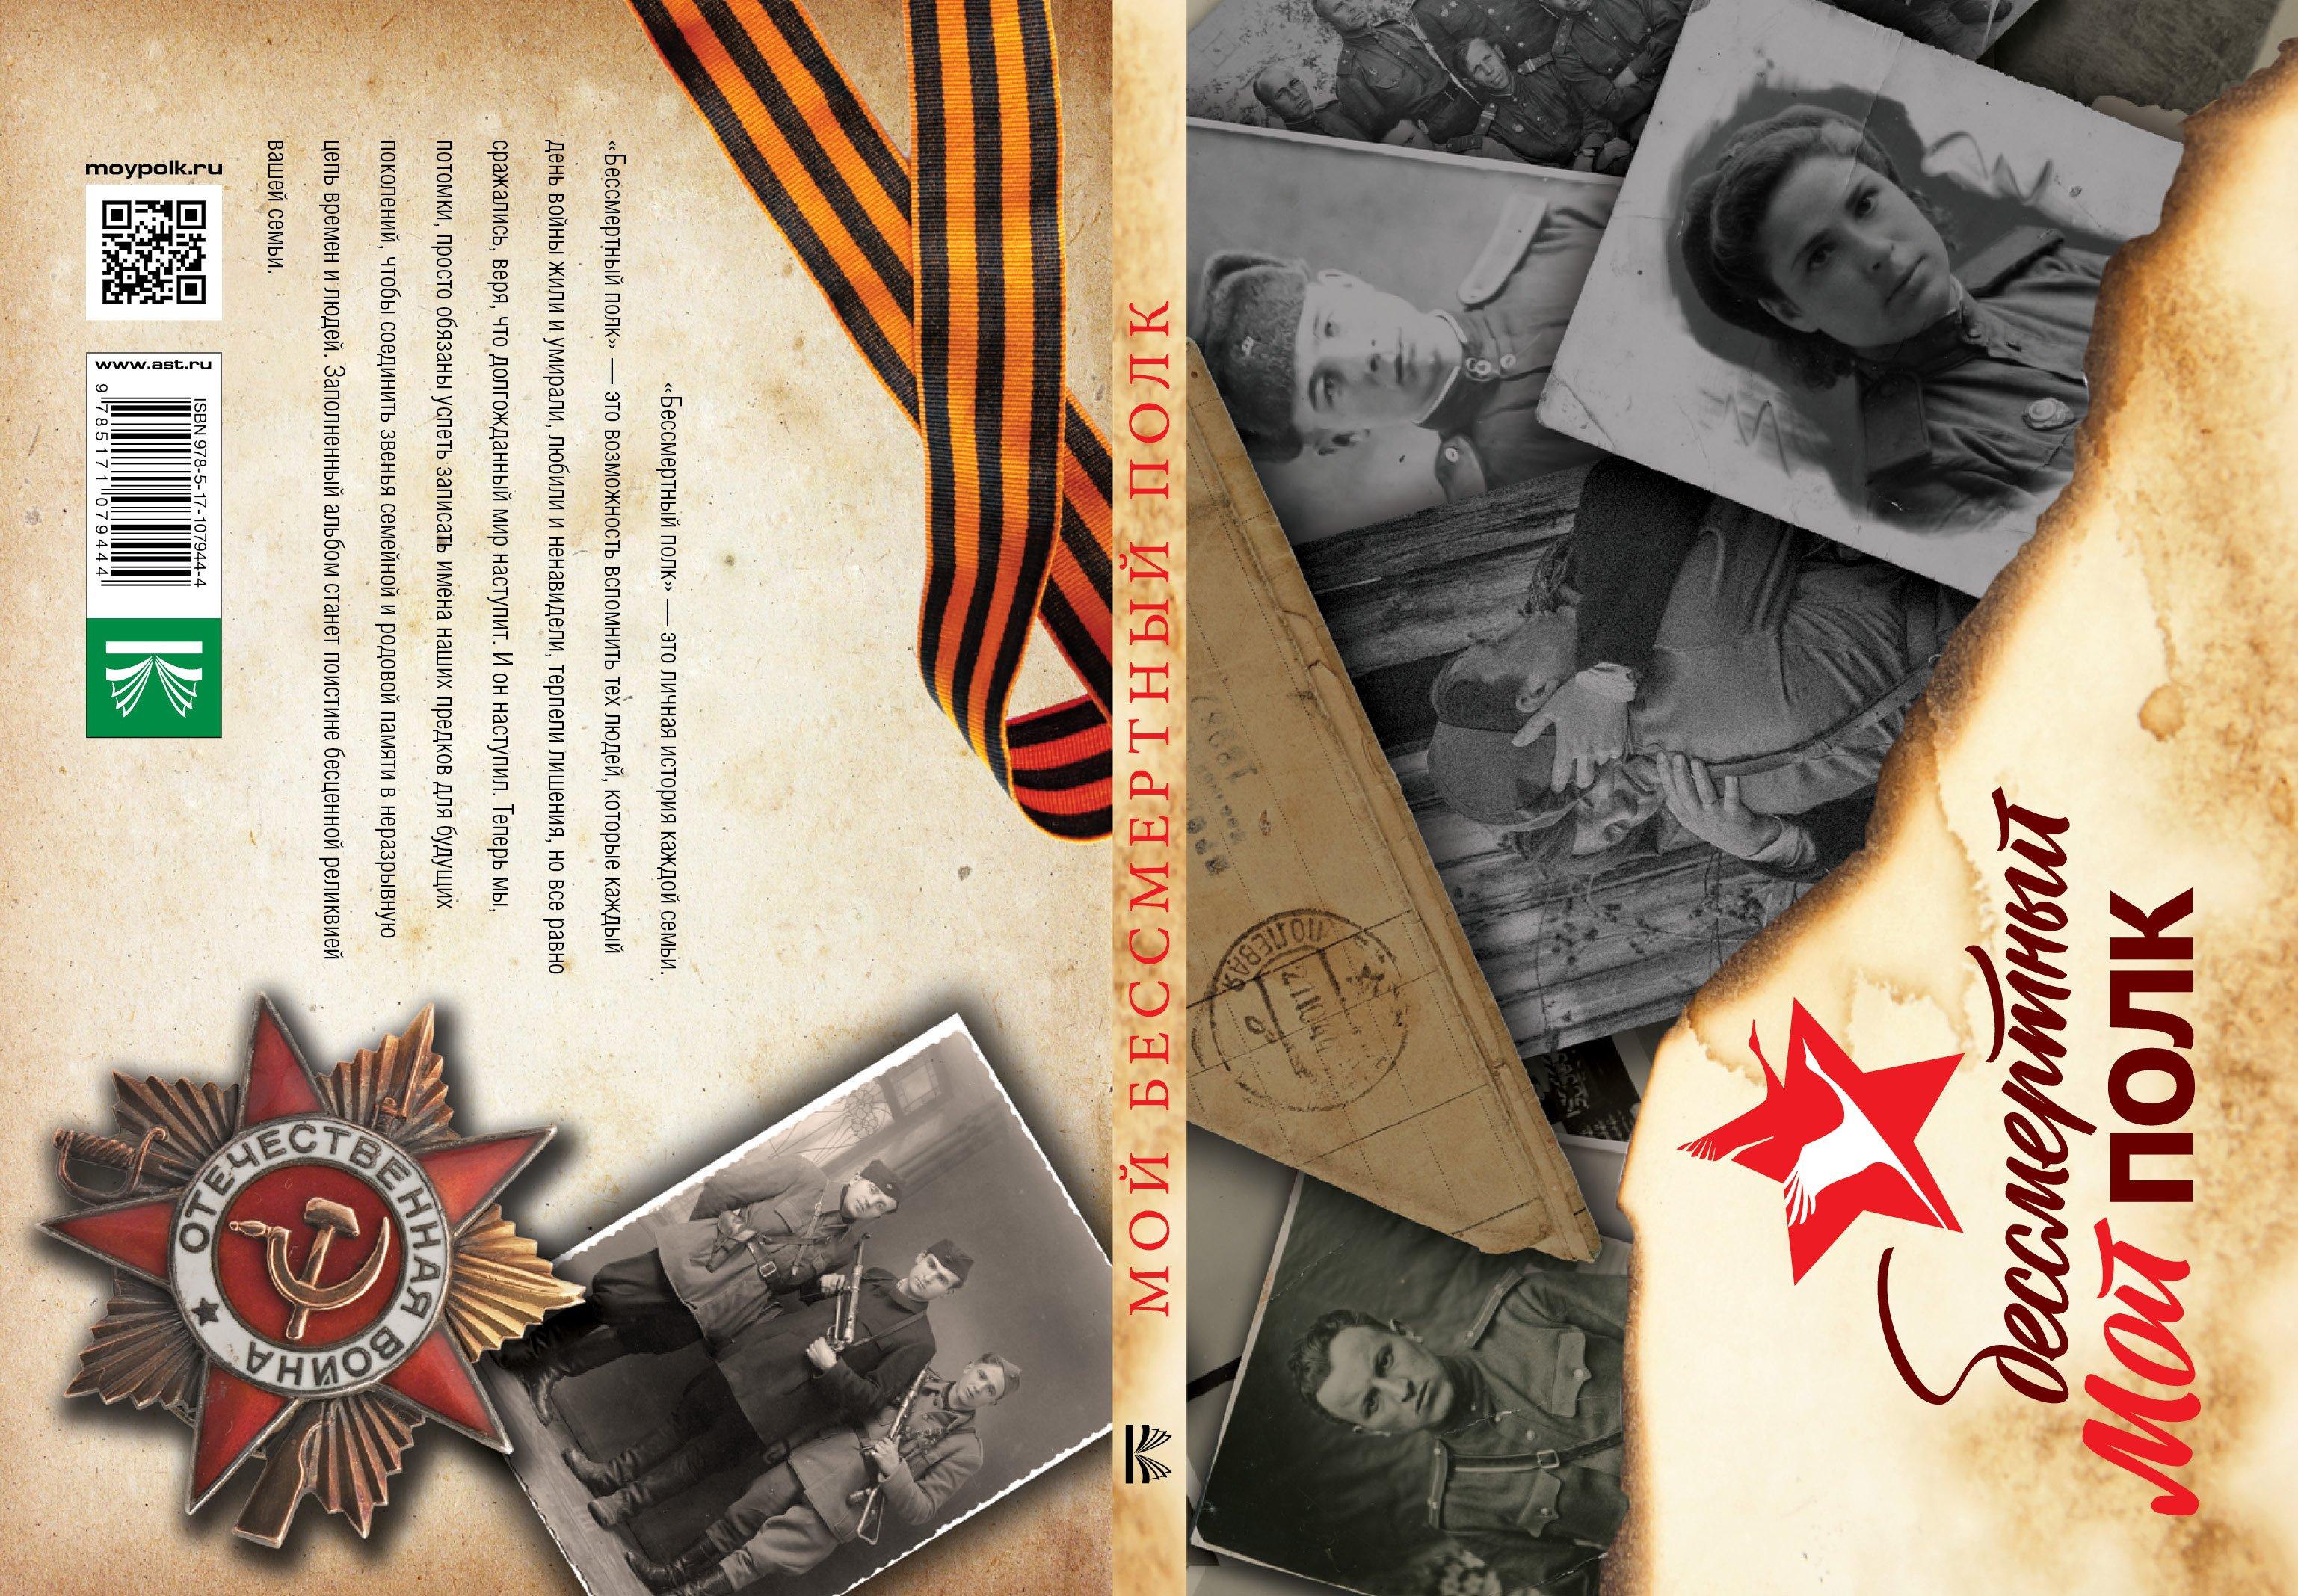 Фото - . Мой бессмертный полк евгений анисимов санкт петербург времен первой мировой войны эпизод 3